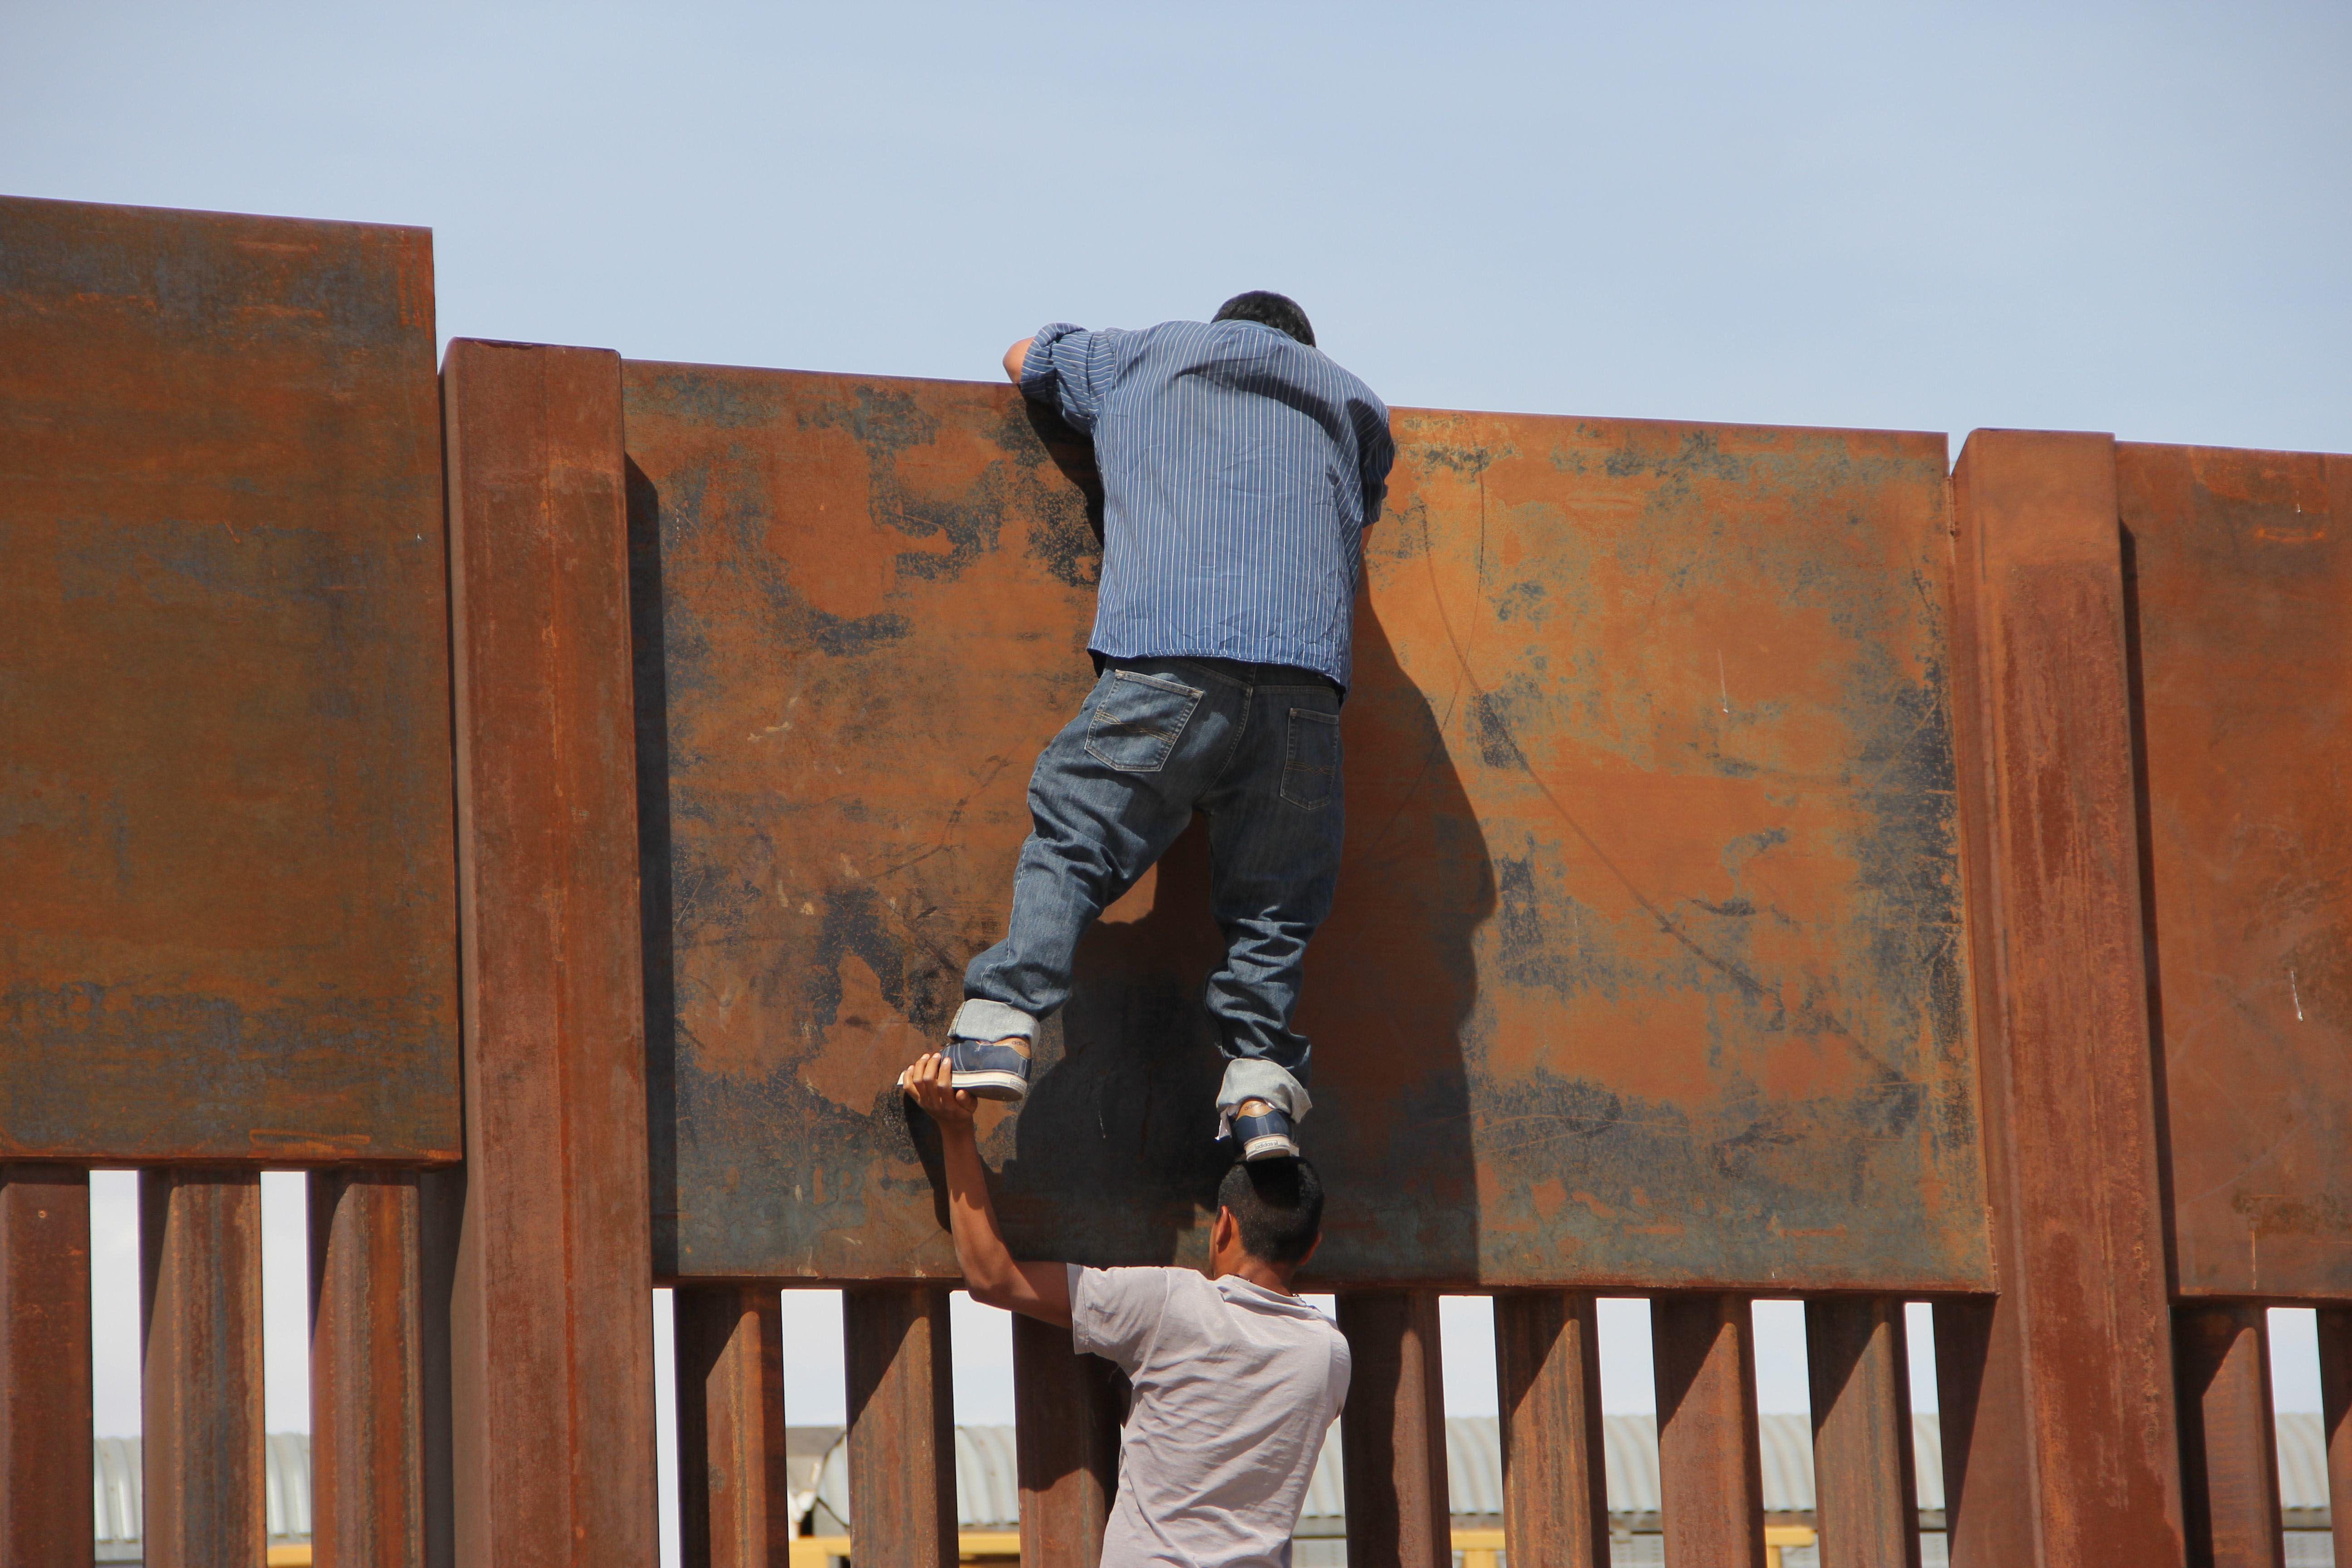 جانب من عمليات الهجرة إلى الداخل الأمريكى